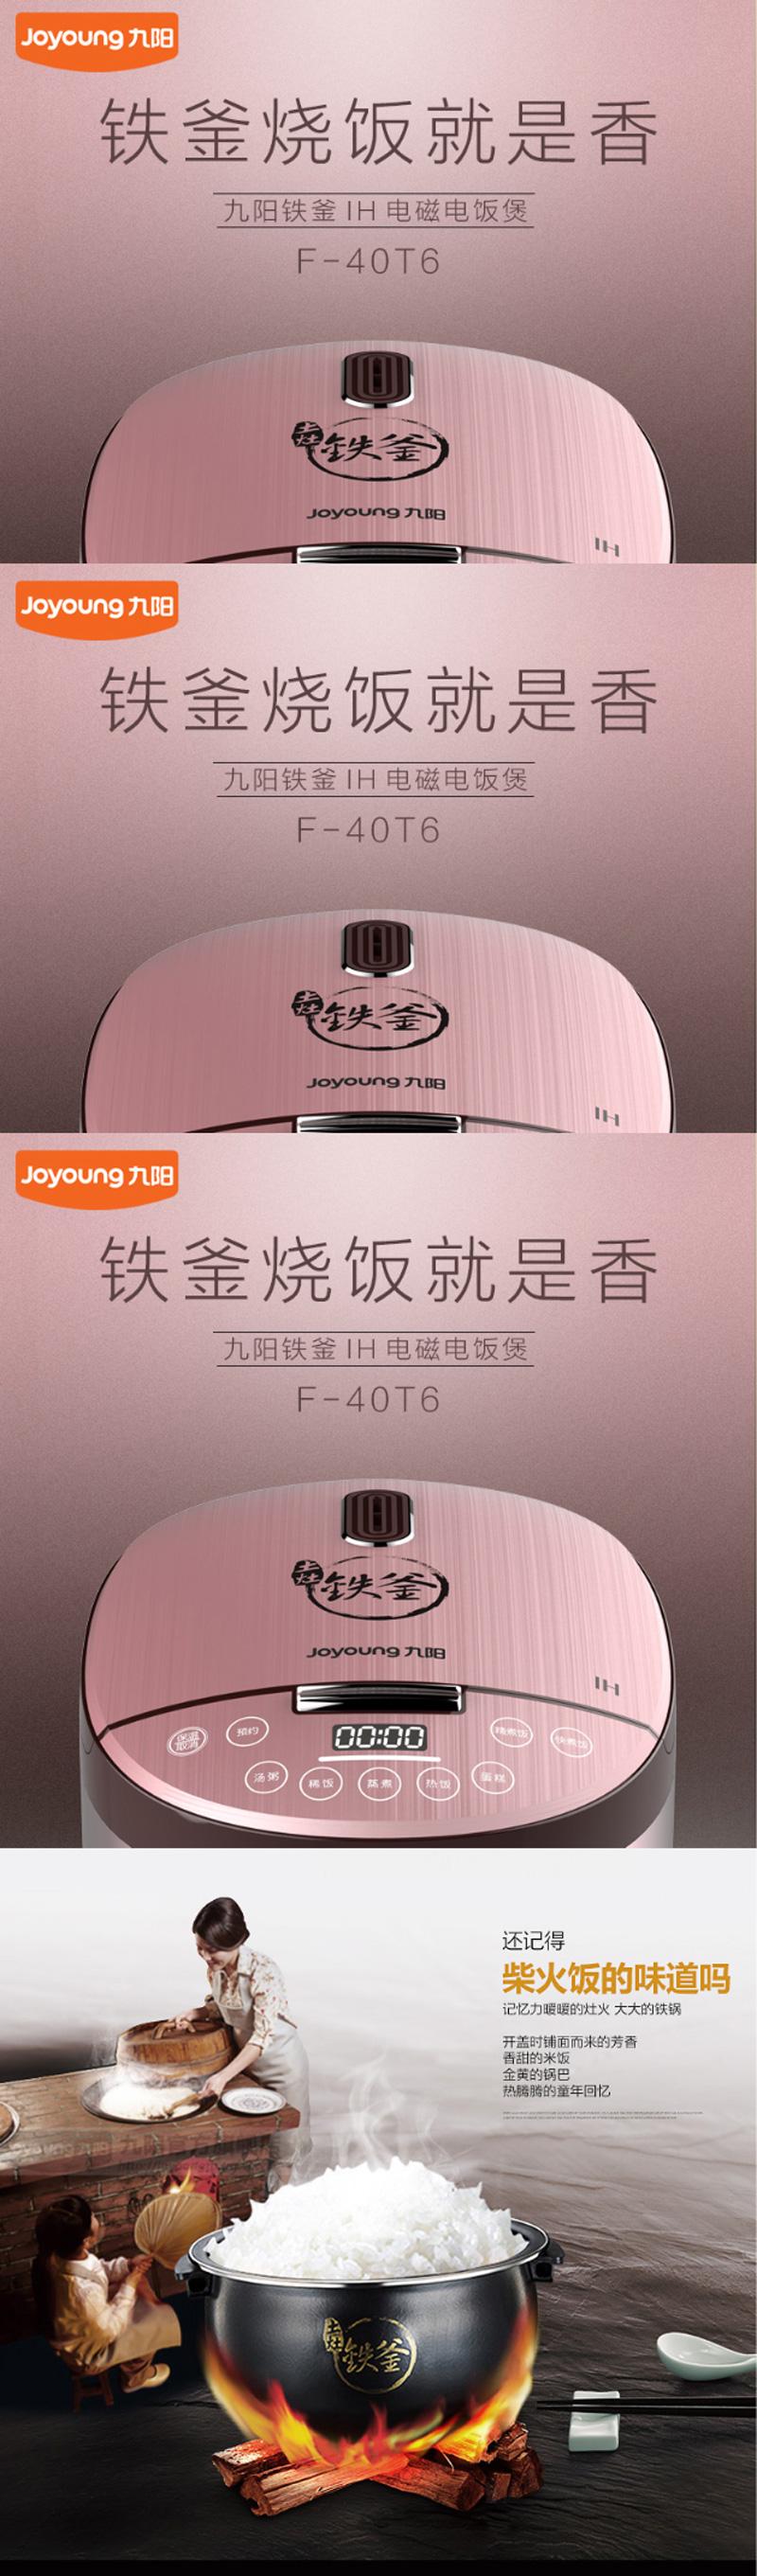 九阳(Joyoung) 电饭煲F-40T6家用智能预约电饭煲IH电磁加热电饭锅铁釜内胆4L